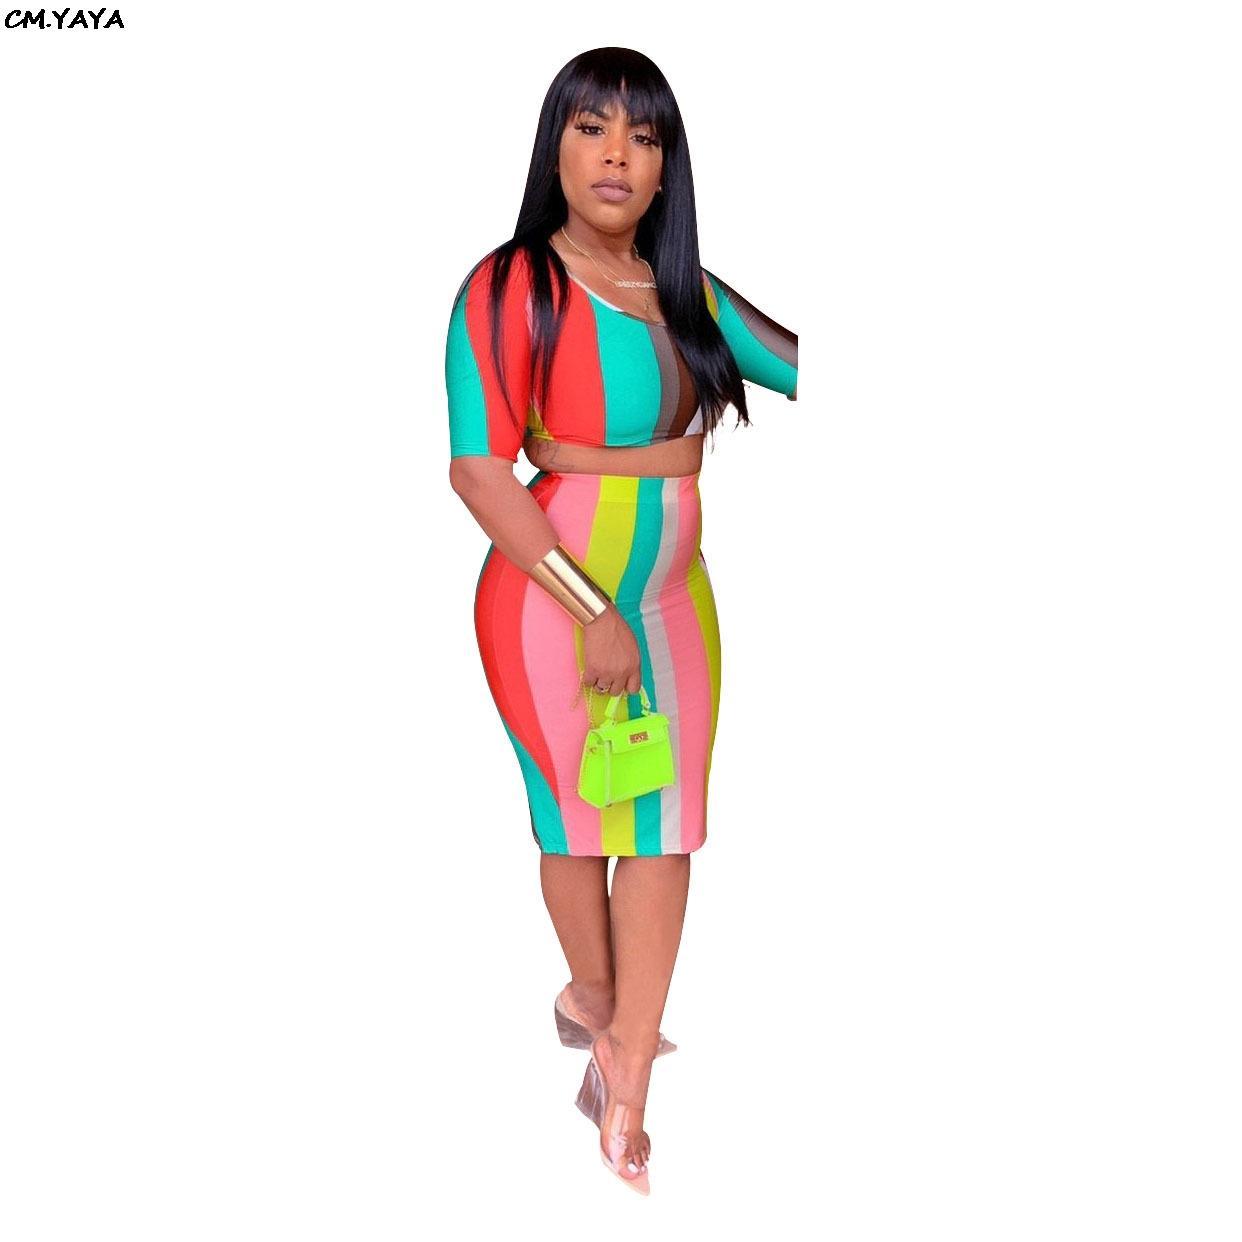 femmes robe rayures colorées d'été o-cou courte longueur supérieure tee manches genou jupe costume deux pièces midi ensemble U7072 robe moulante